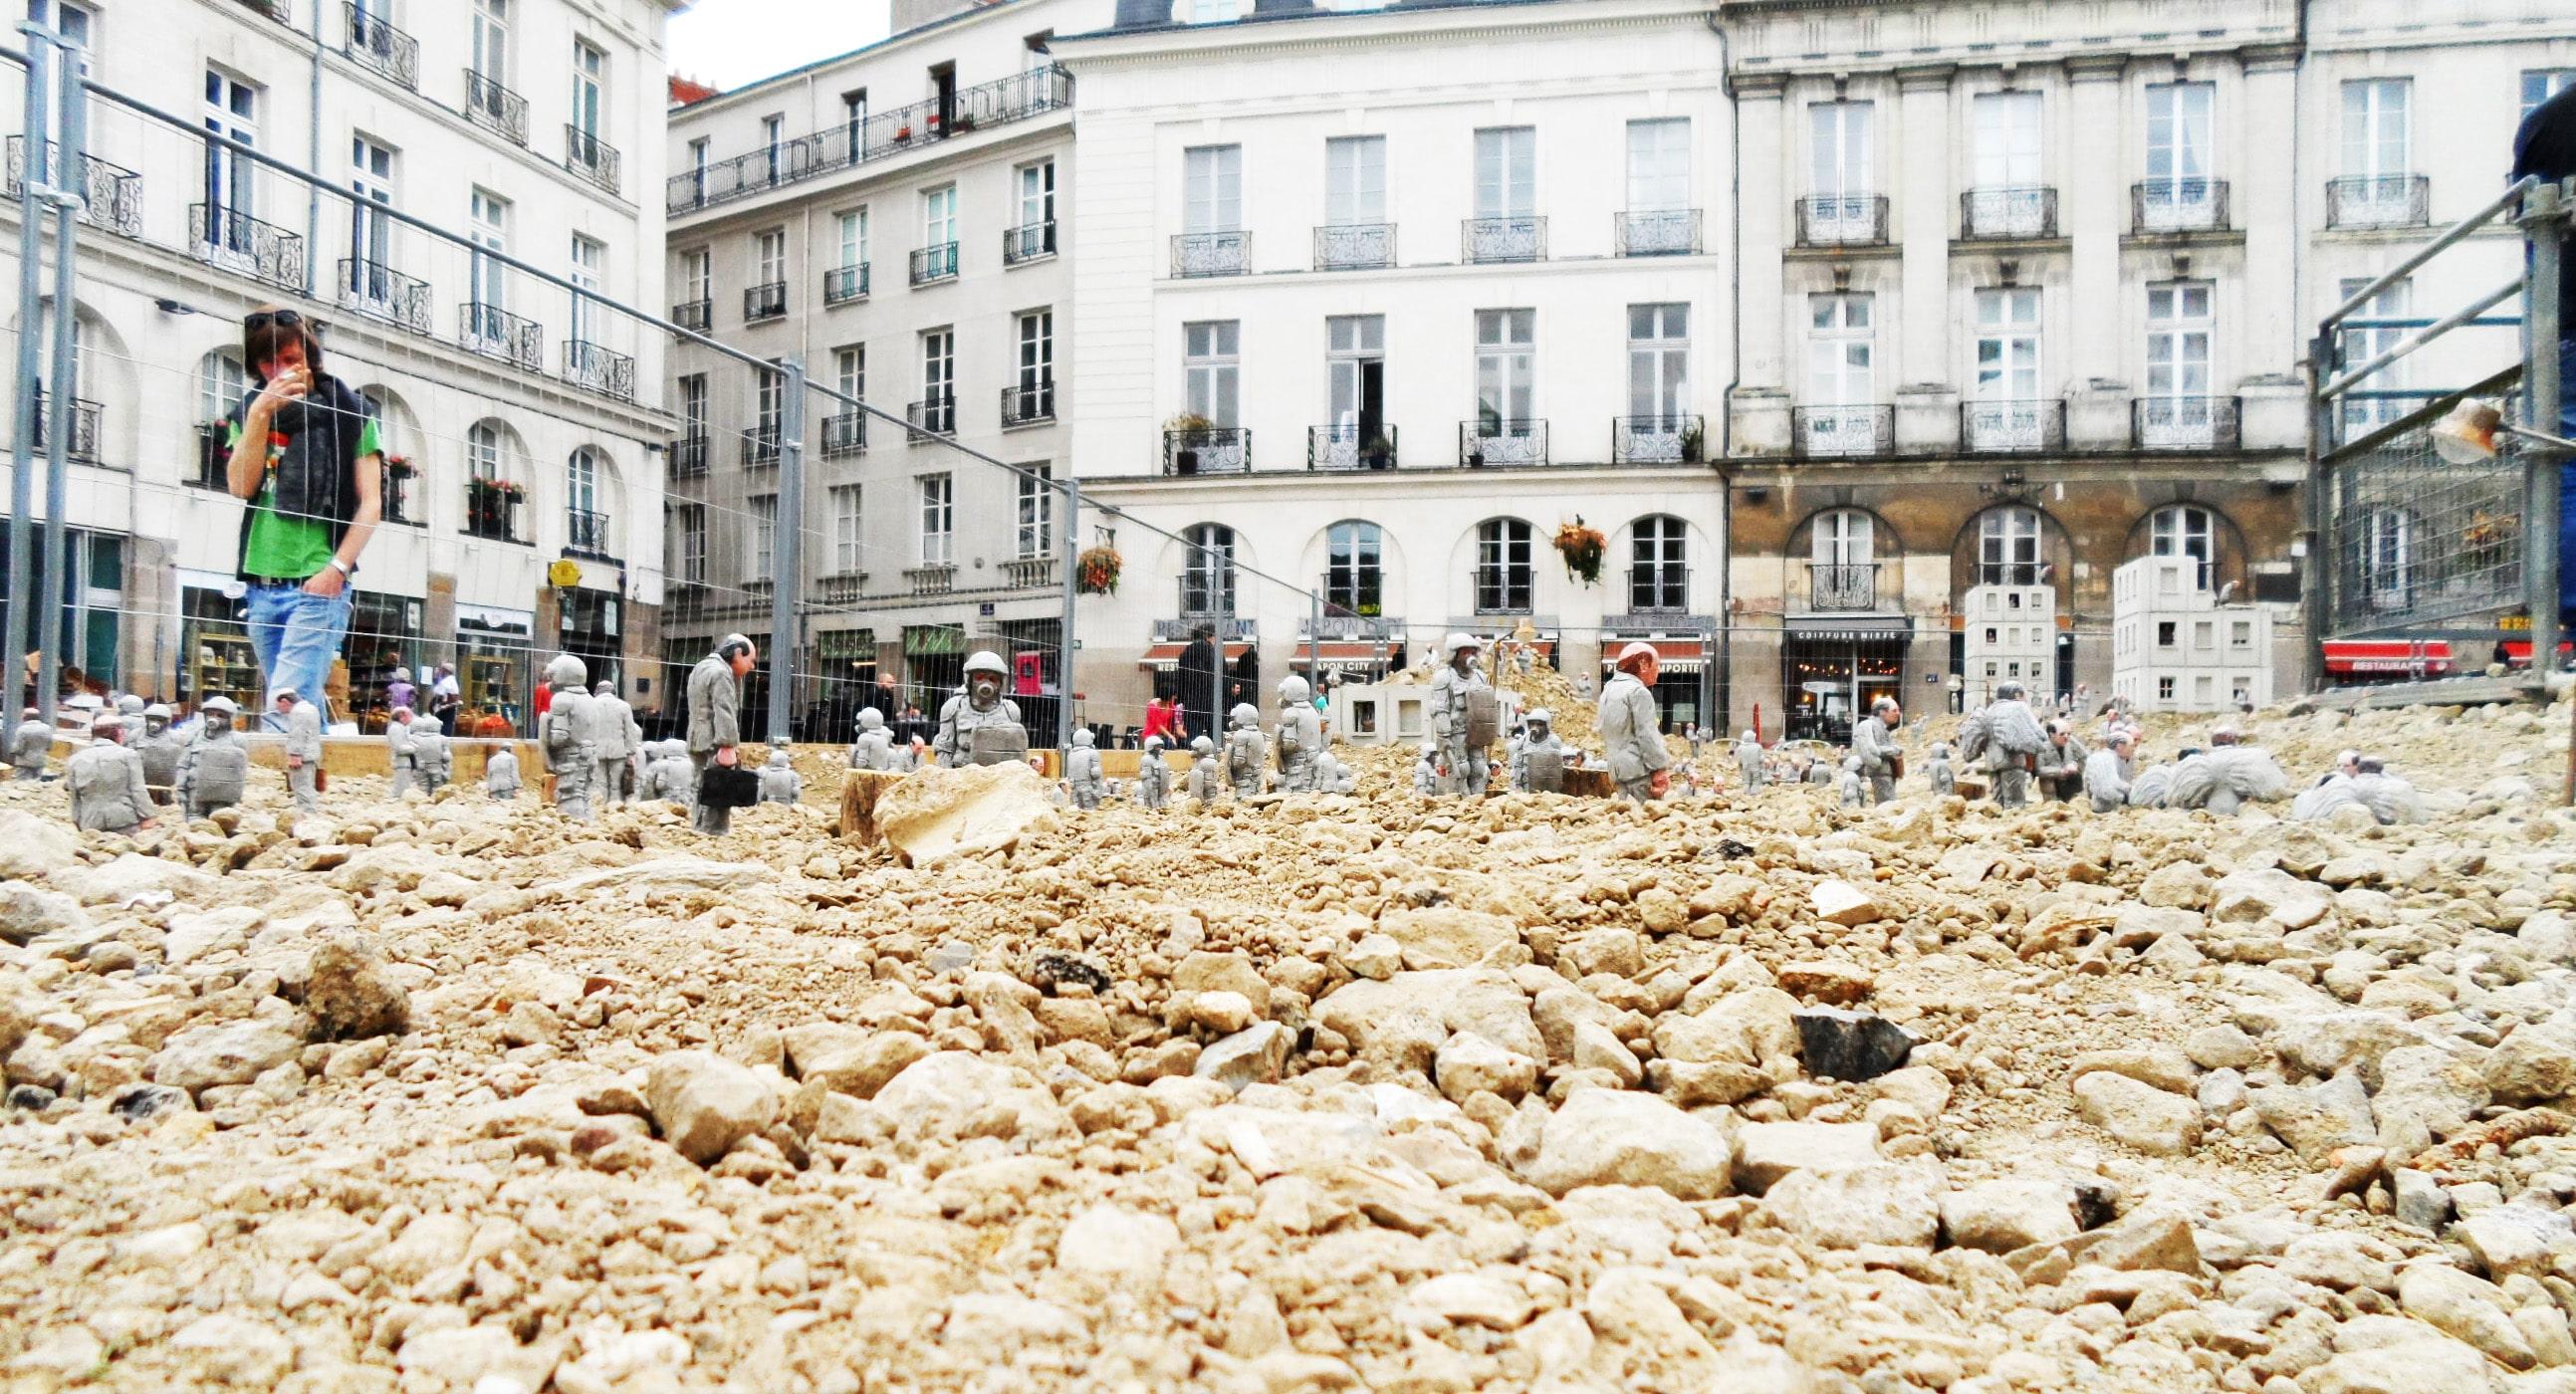 Le Voyage à Nantes, objet de polémique en Belgique